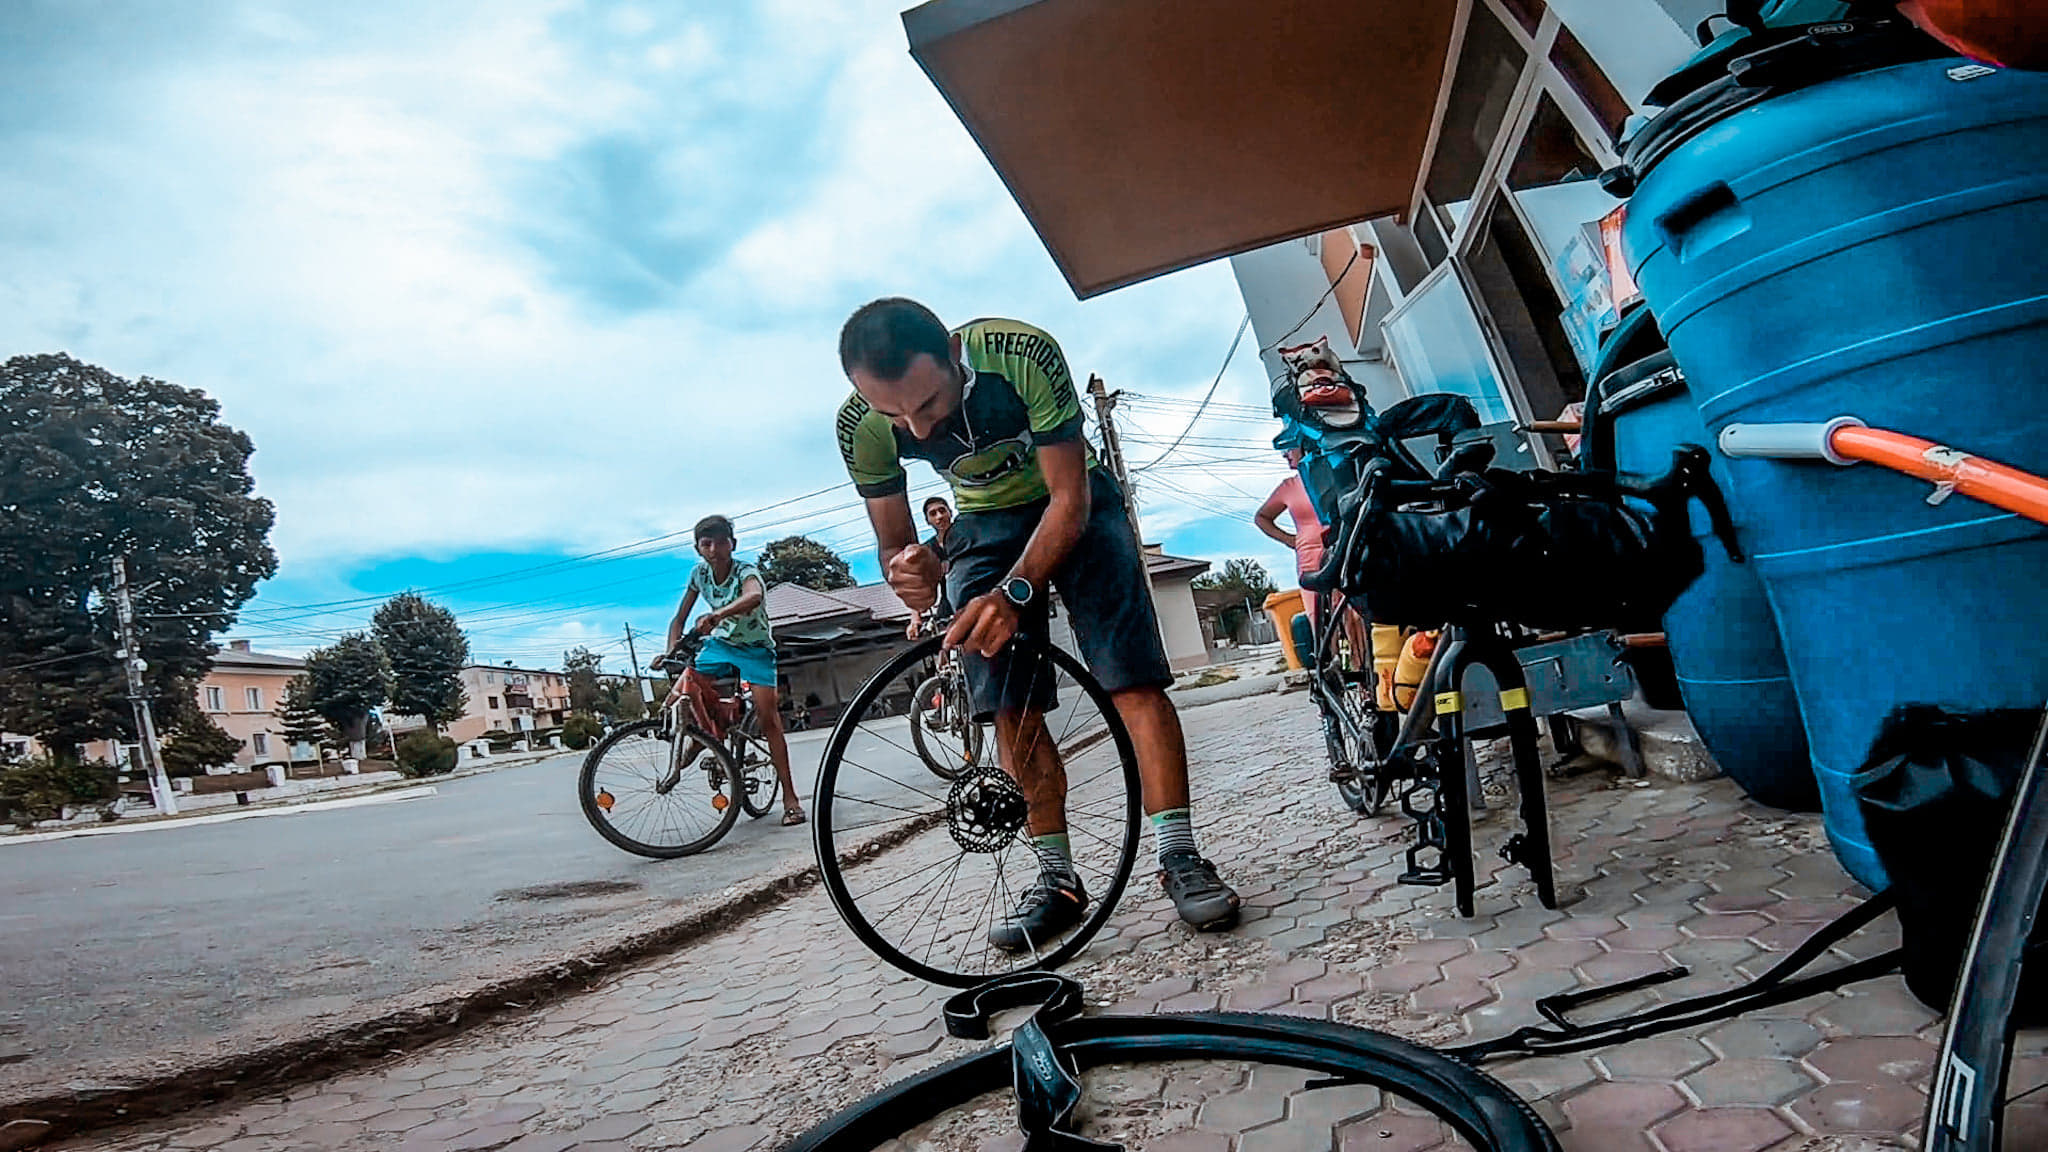 reparand pana facuta in tura de bikepacking spre Vama